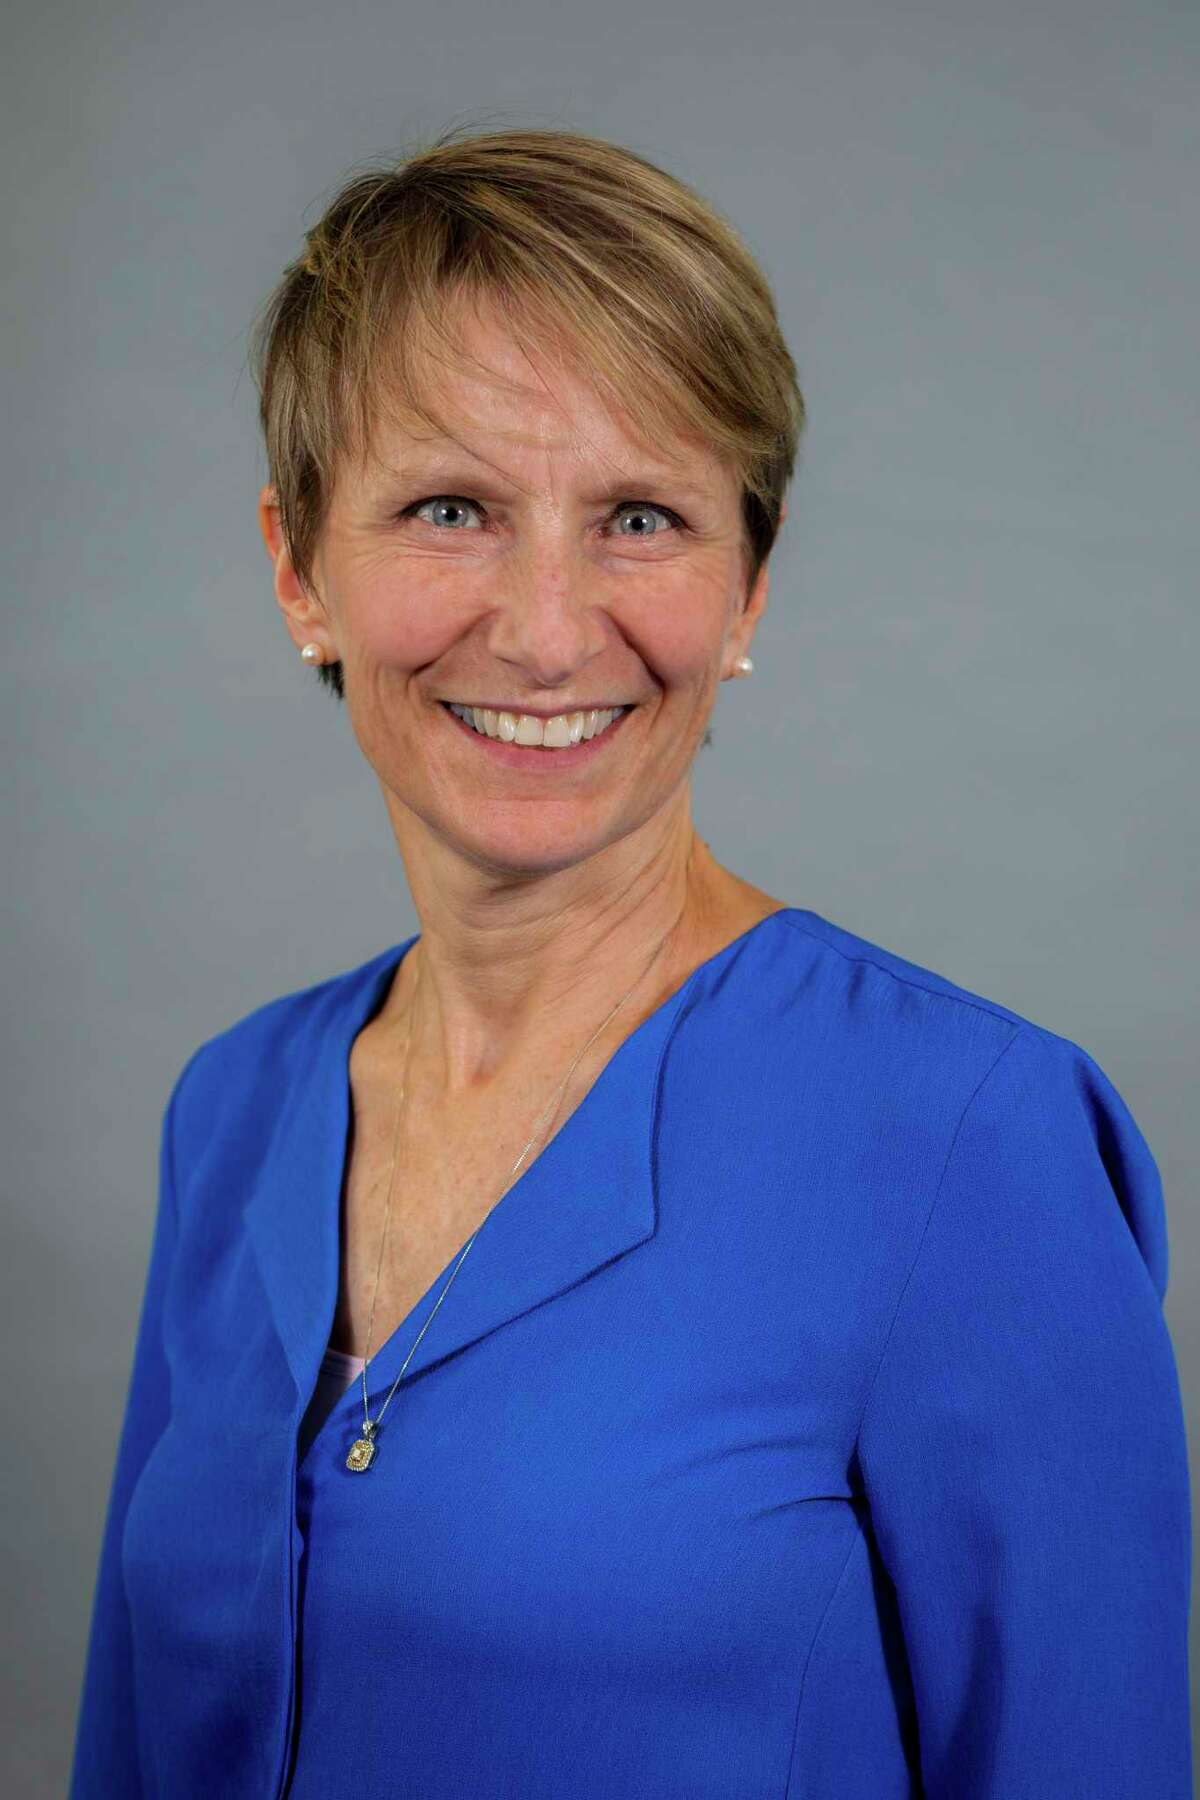 Dawn Cantafio, Trumbull Town Council chairwoman